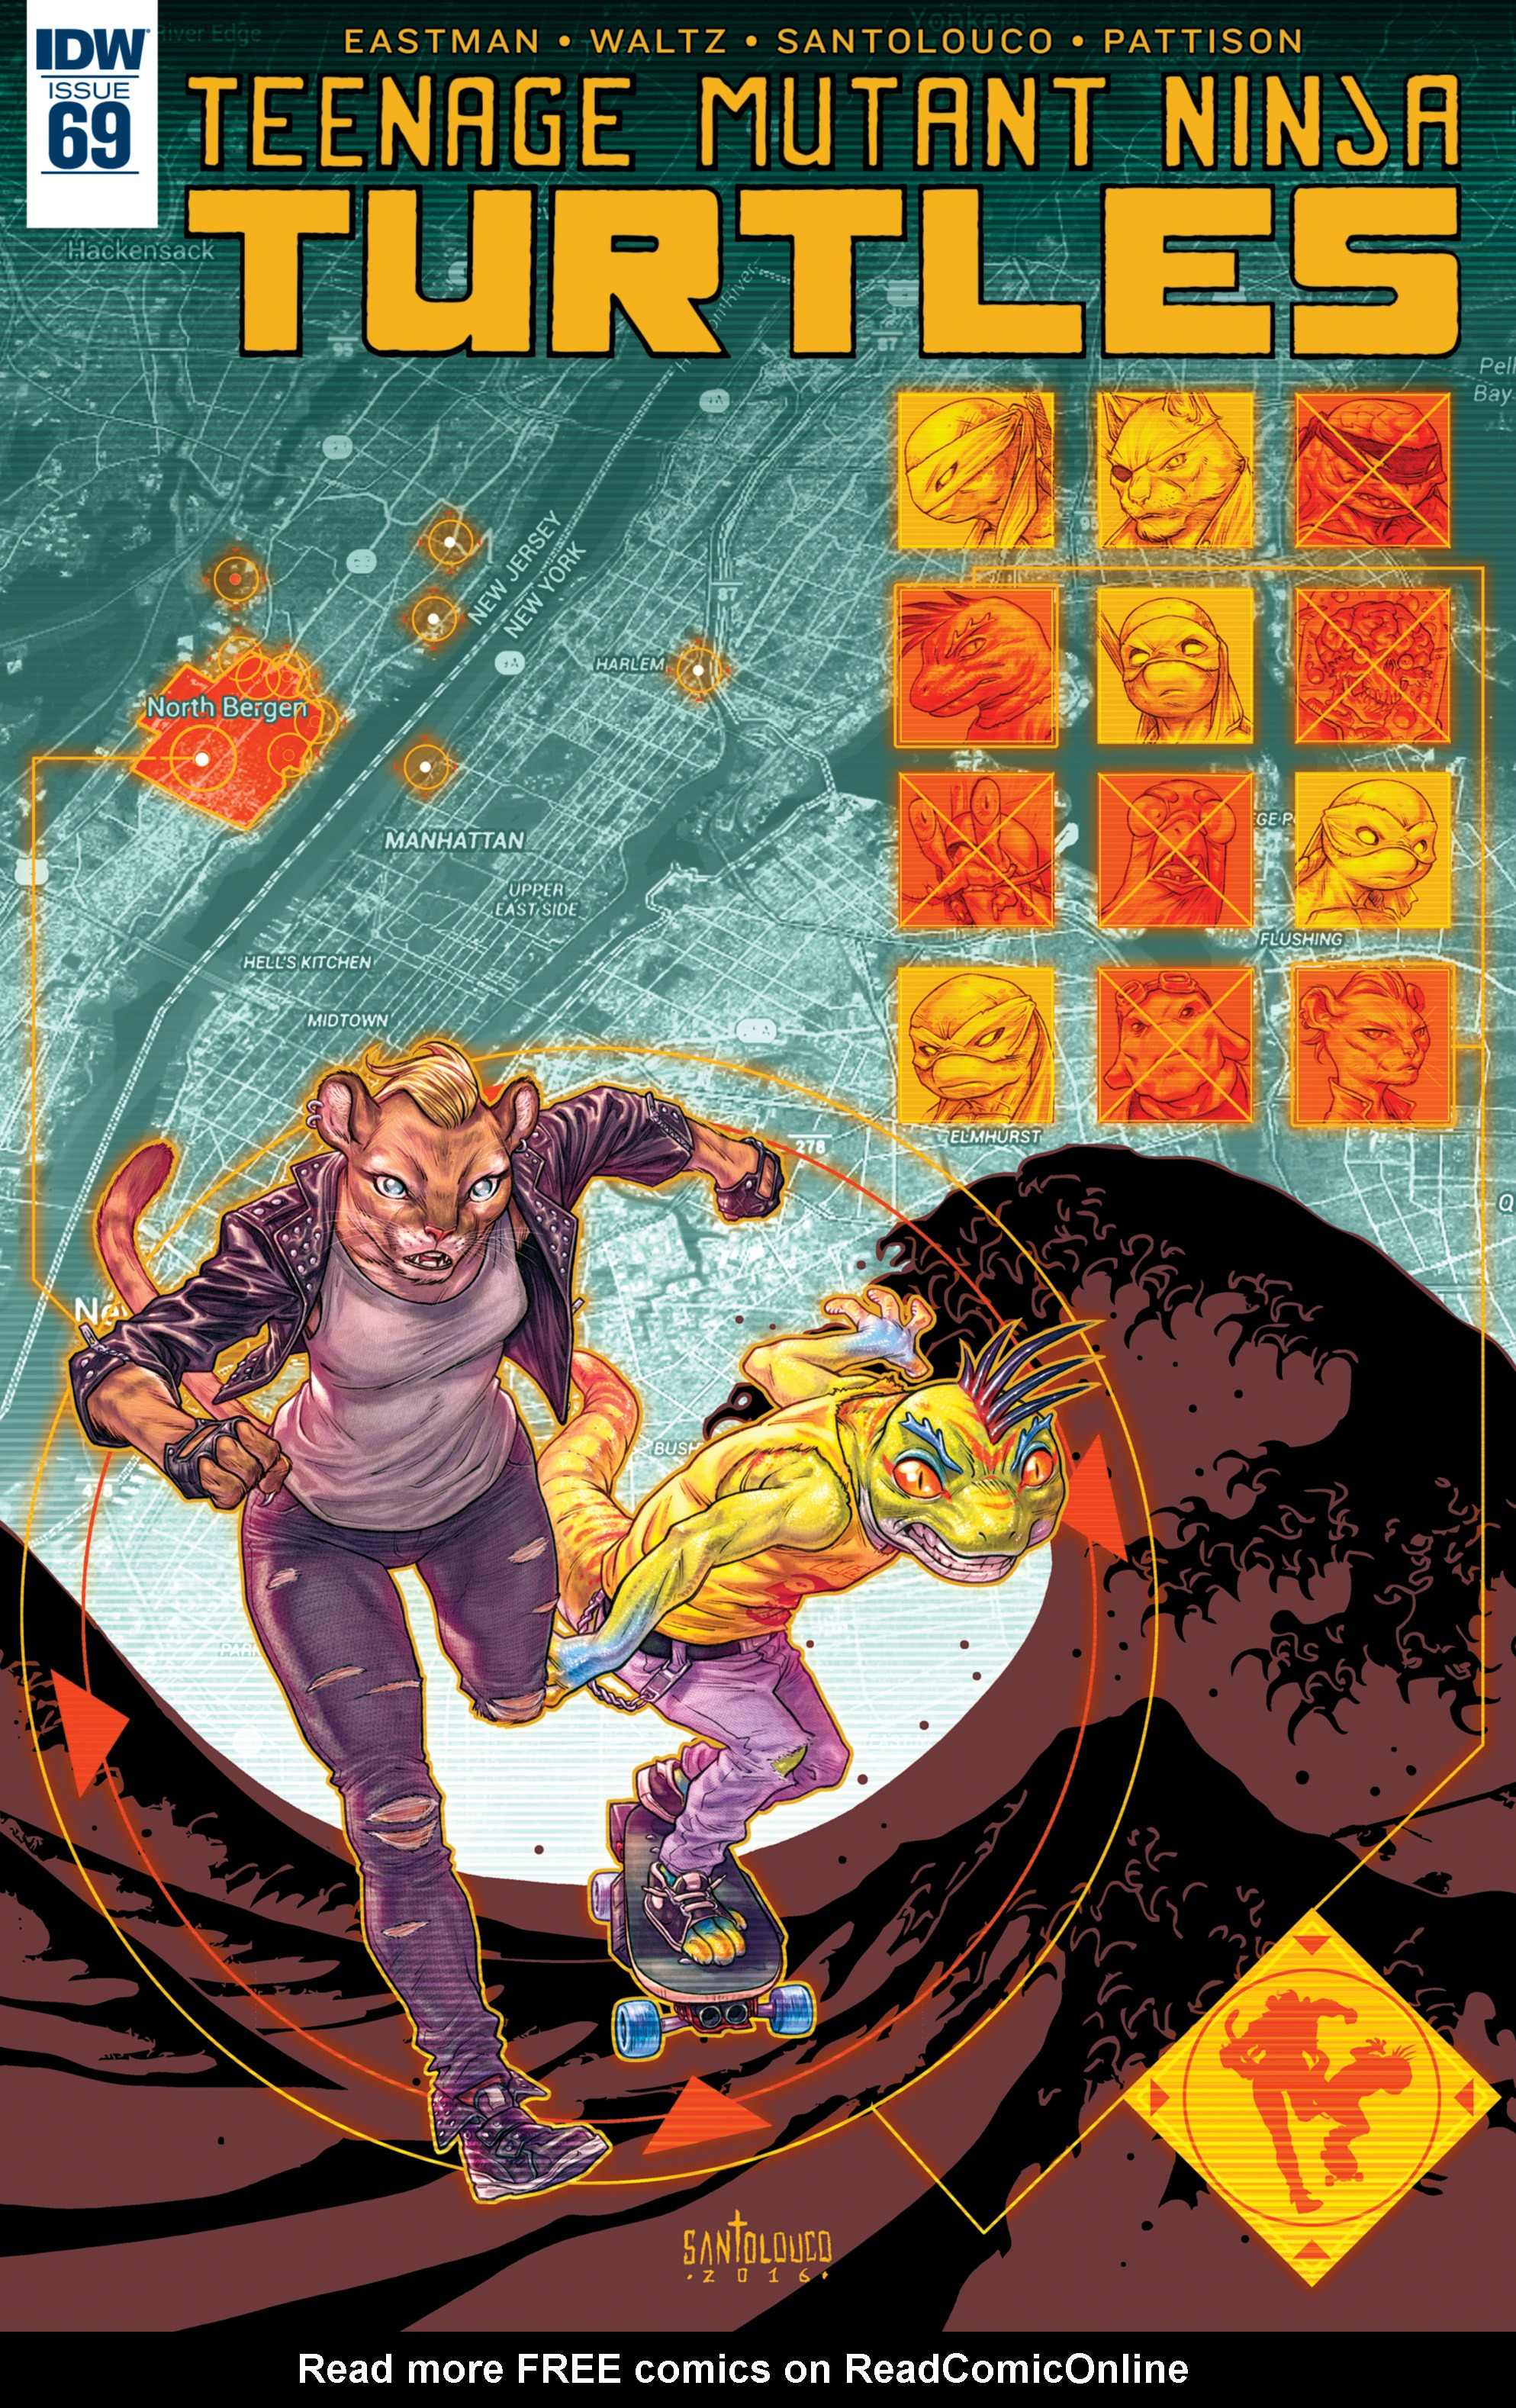 Read online Teenage Mutant Ninja Turtles (2011) comic -  Issue #69 - 1